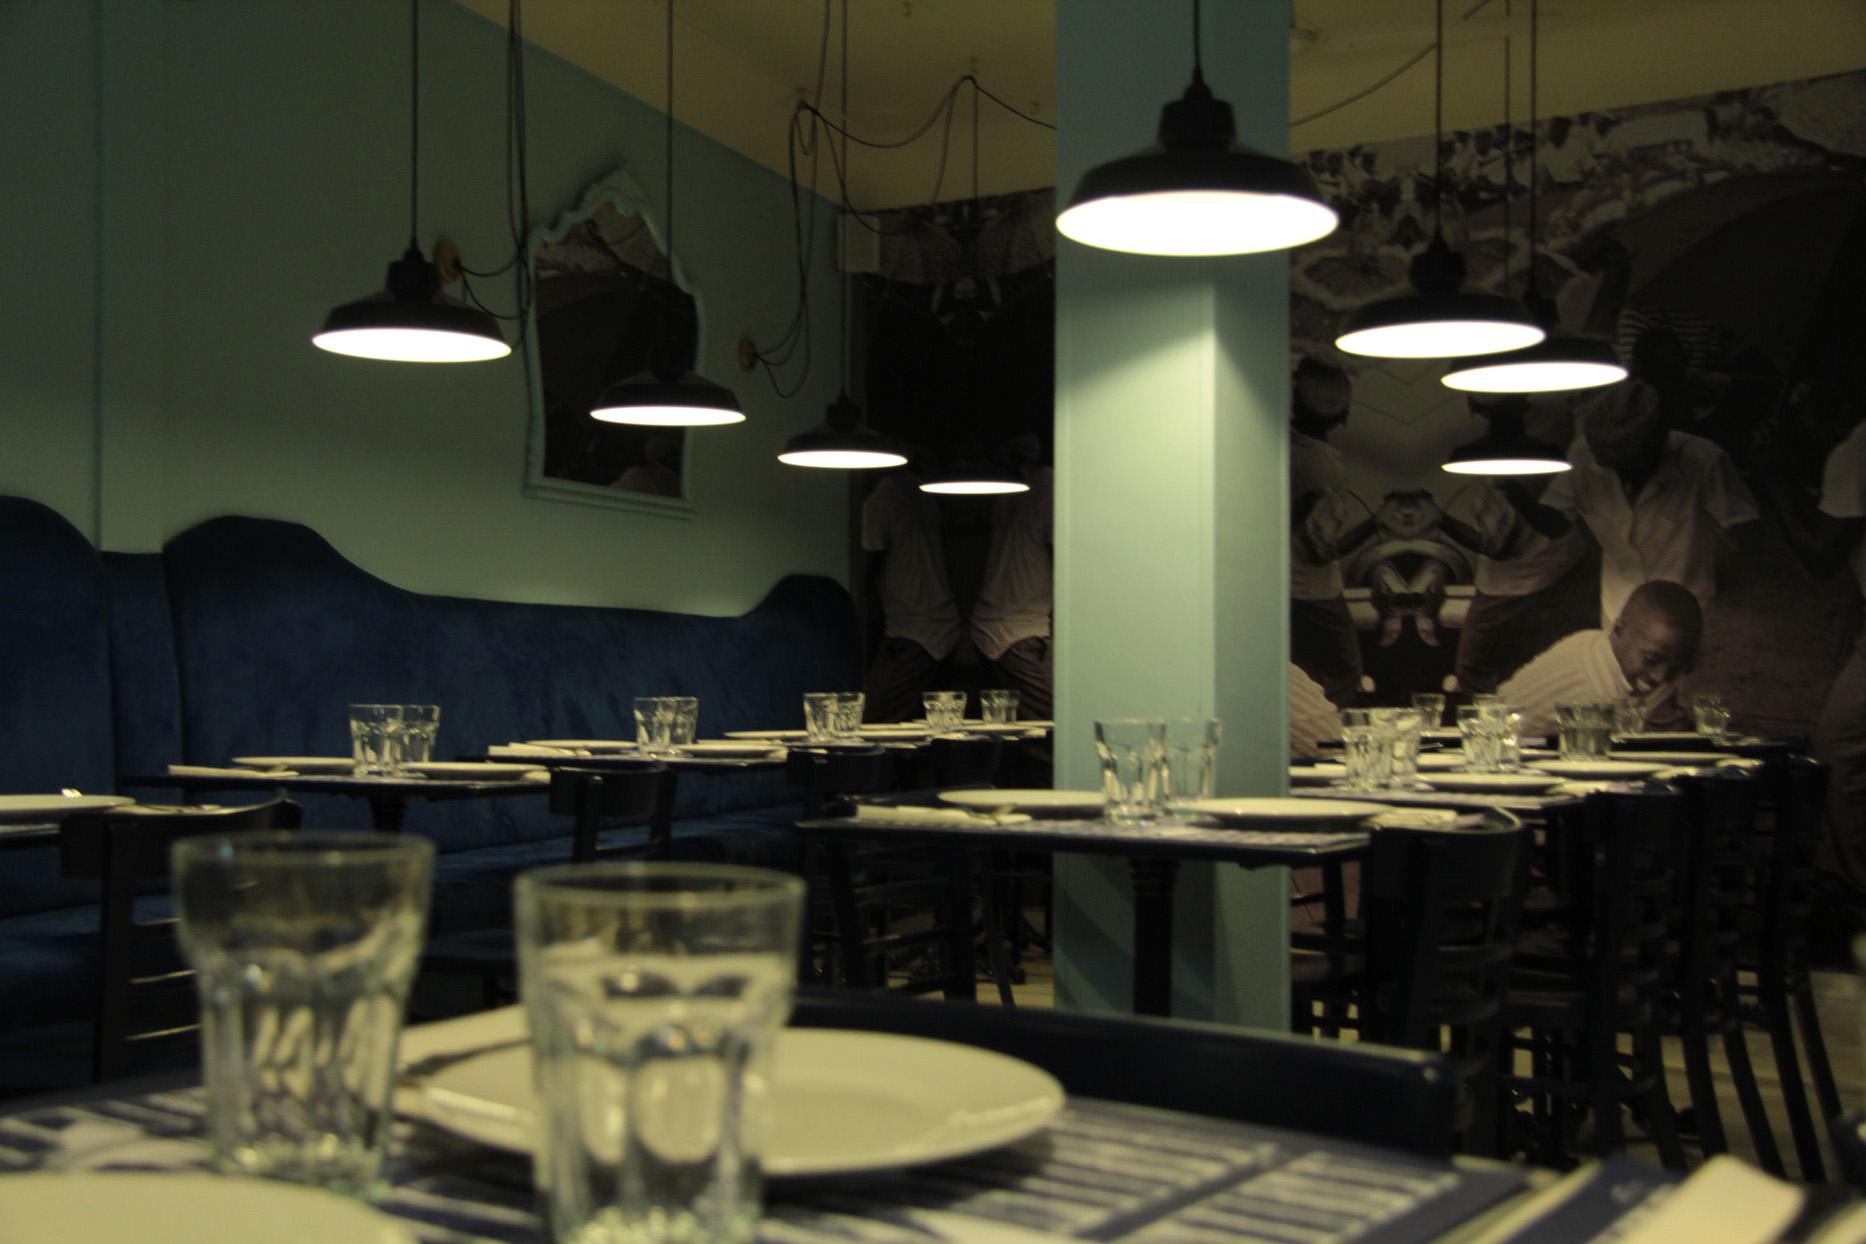 restaurante-gumbo-new-orleans-cajun-galeria-4